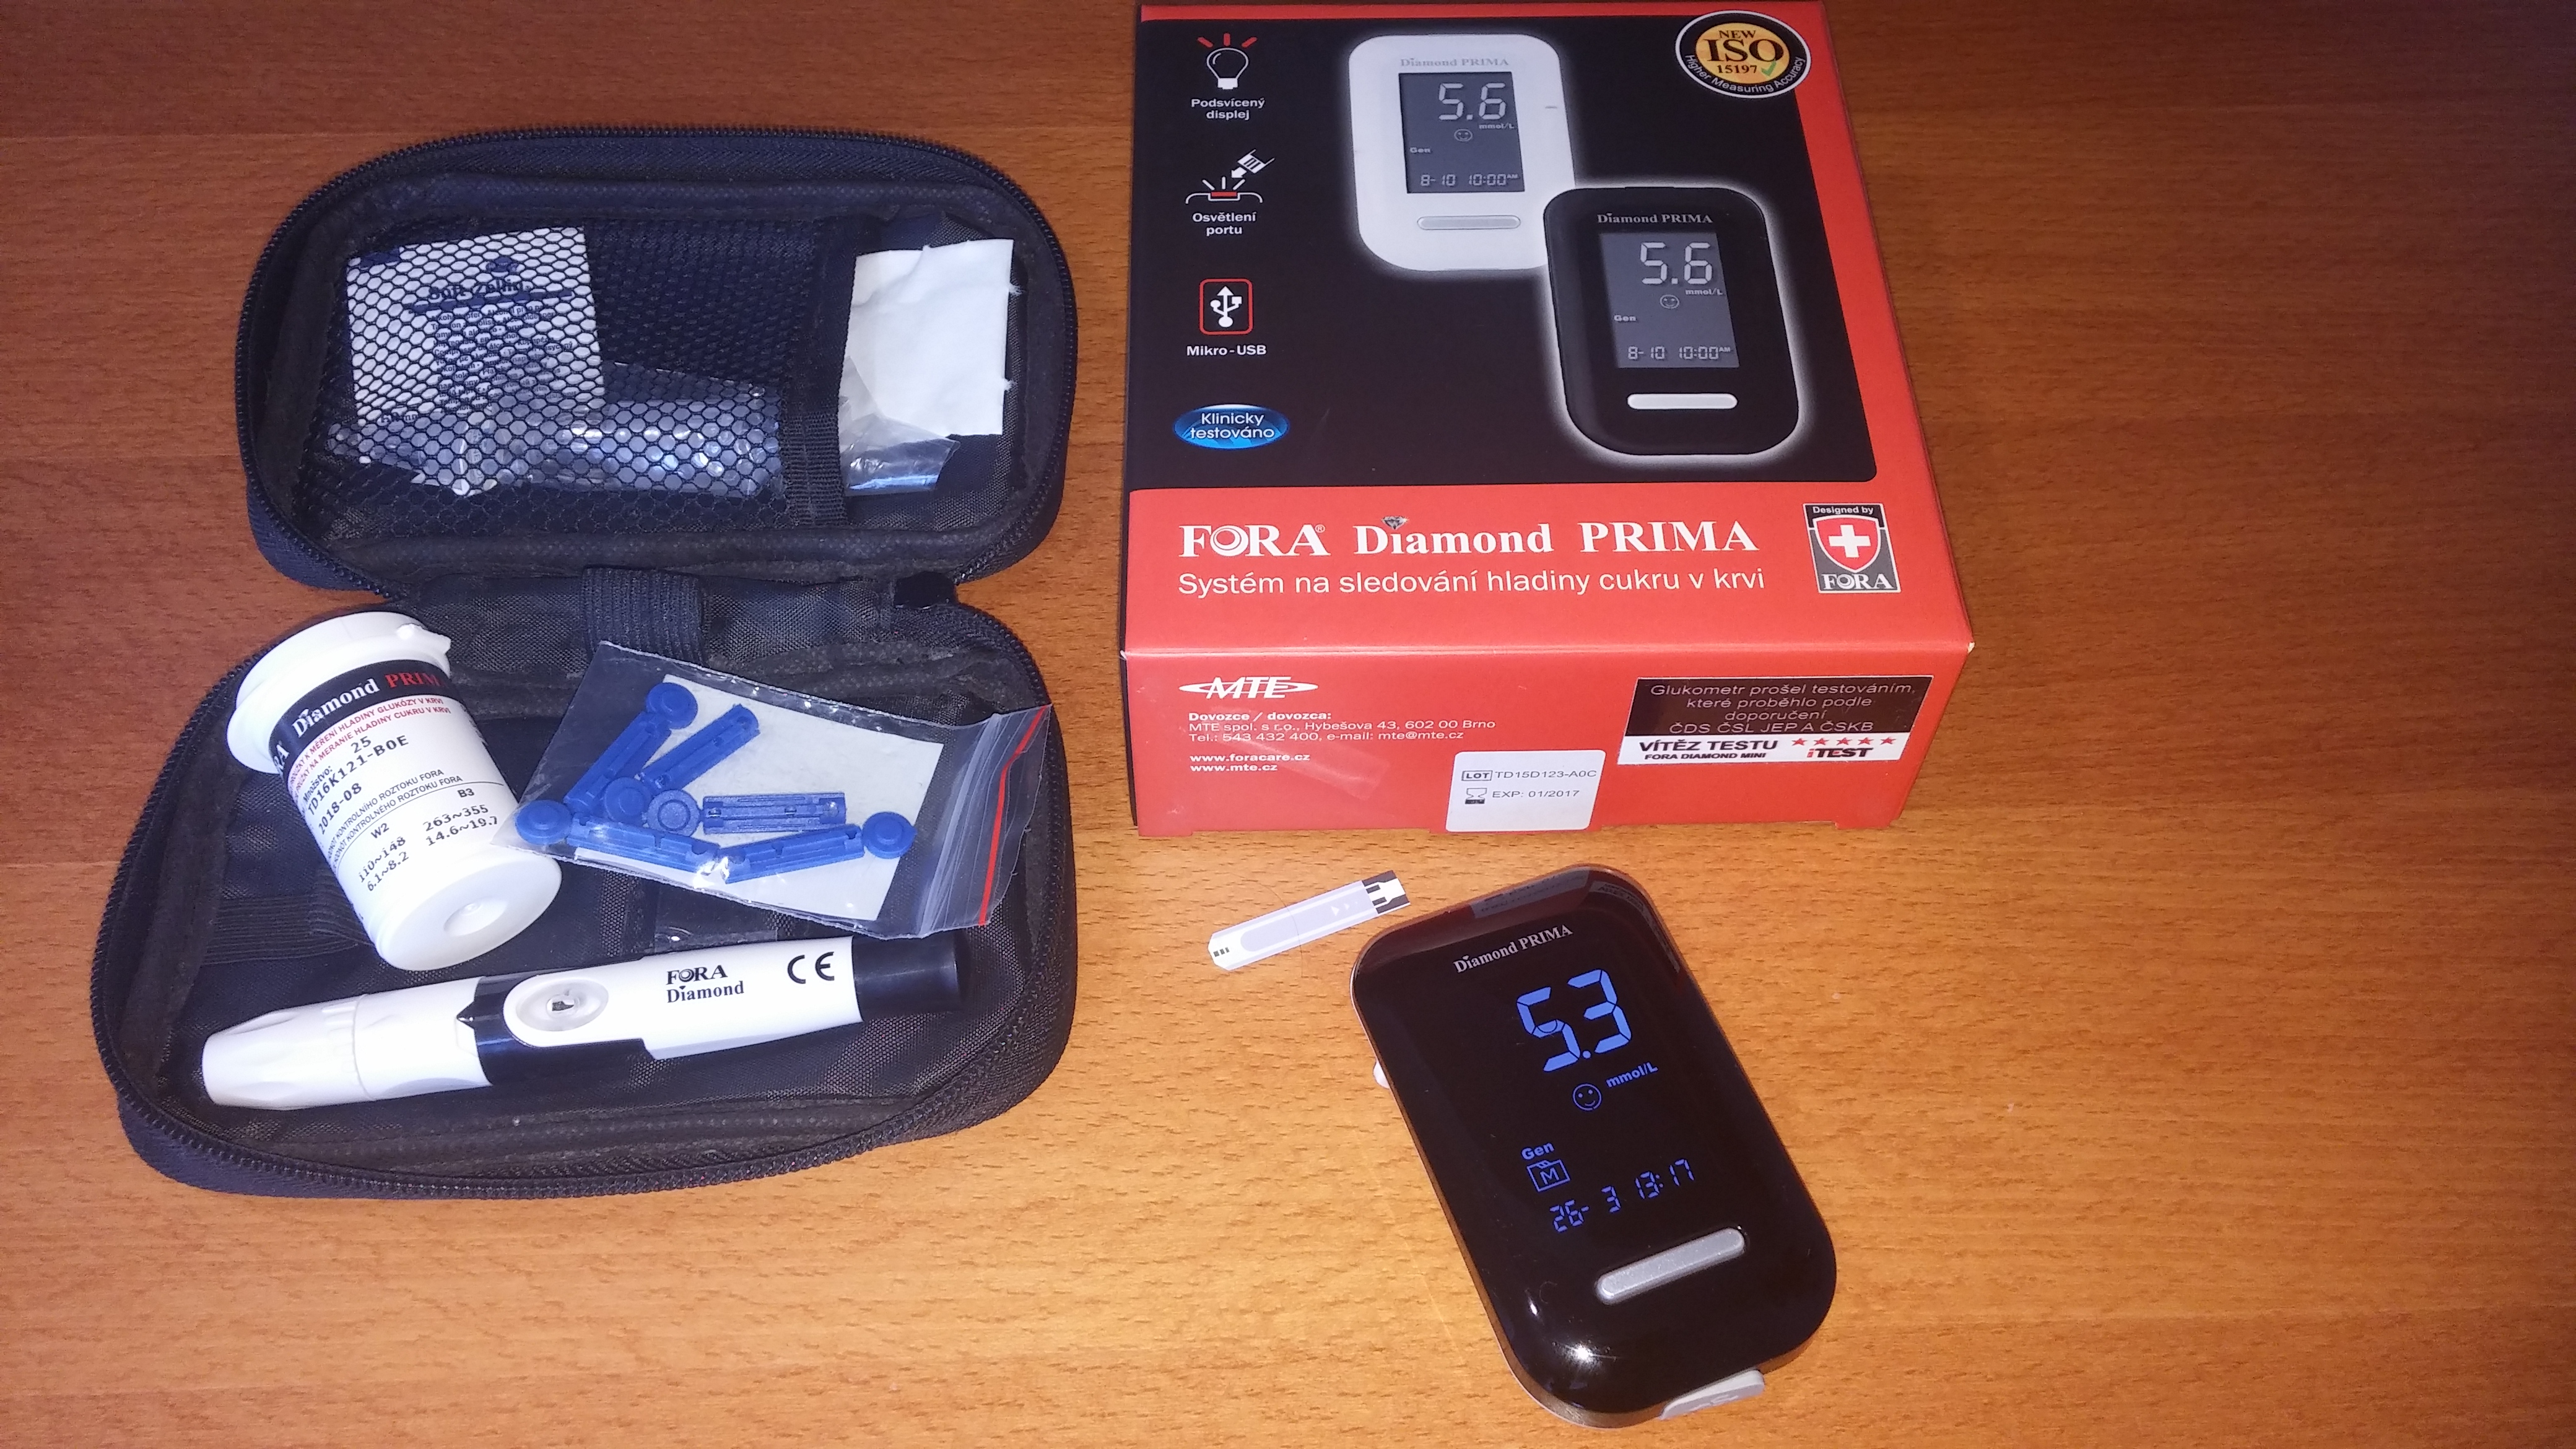 Glukometr Fora Diamond PRIMA s příslušenstvím